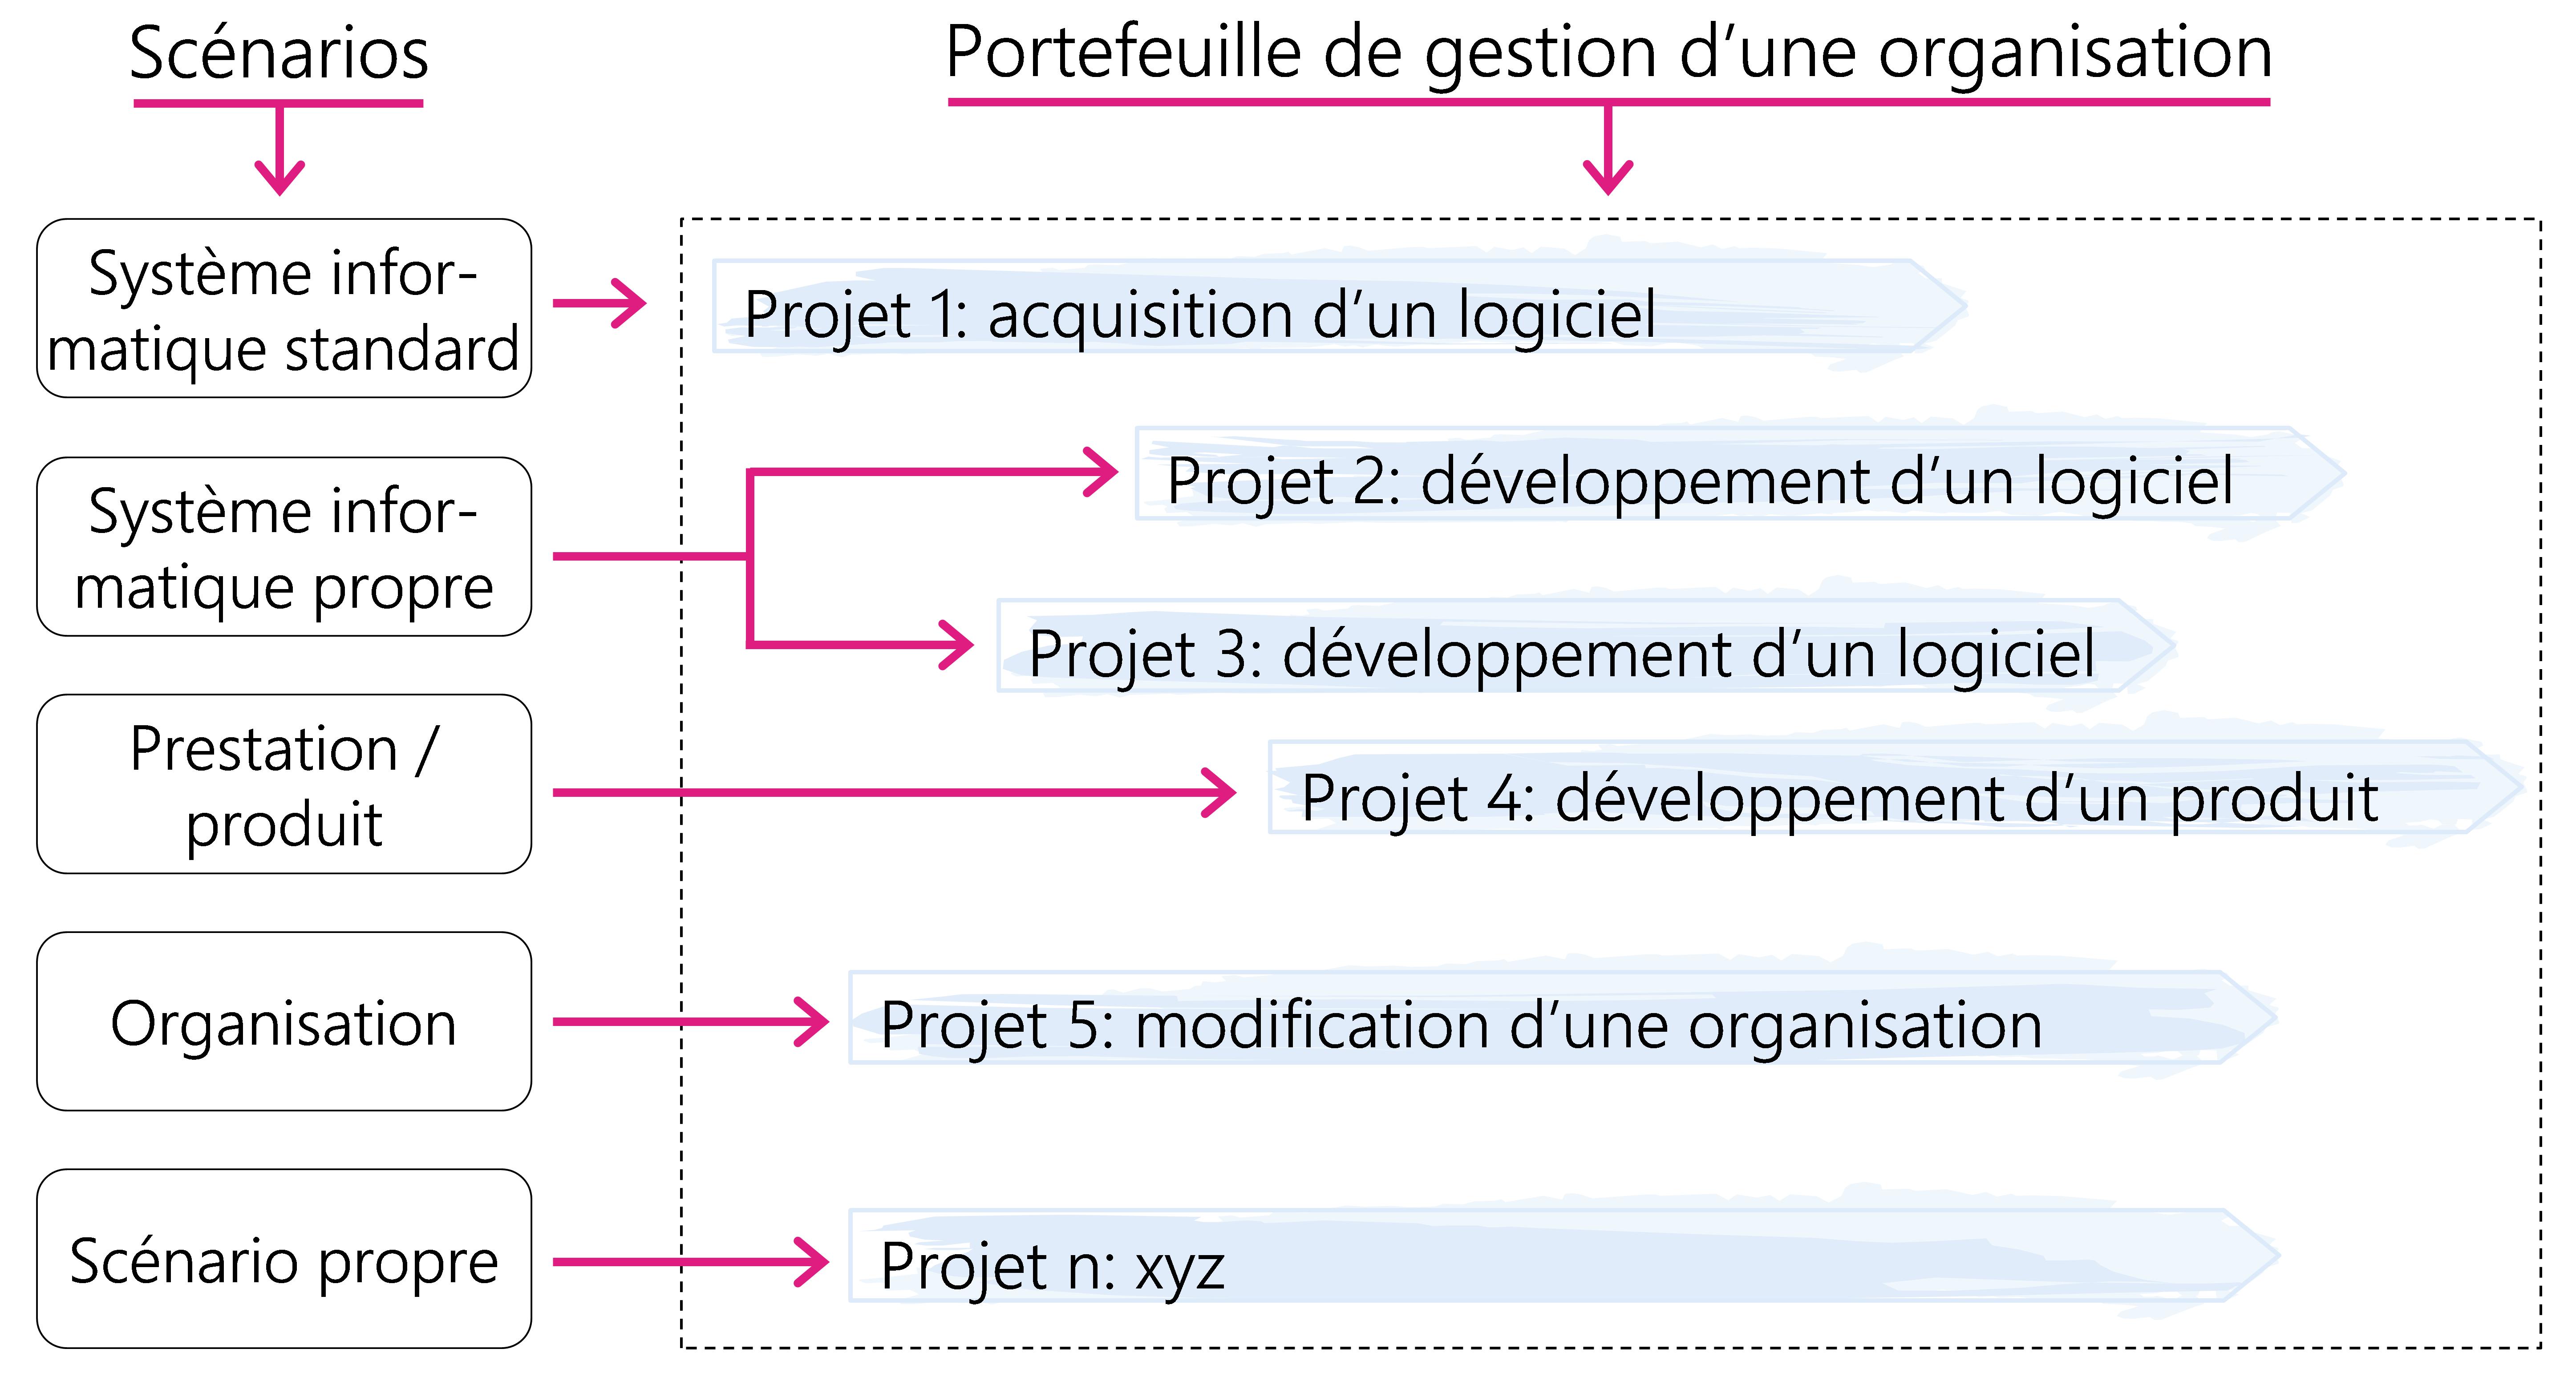 Figure1: Scénarios et portefeuille de projets